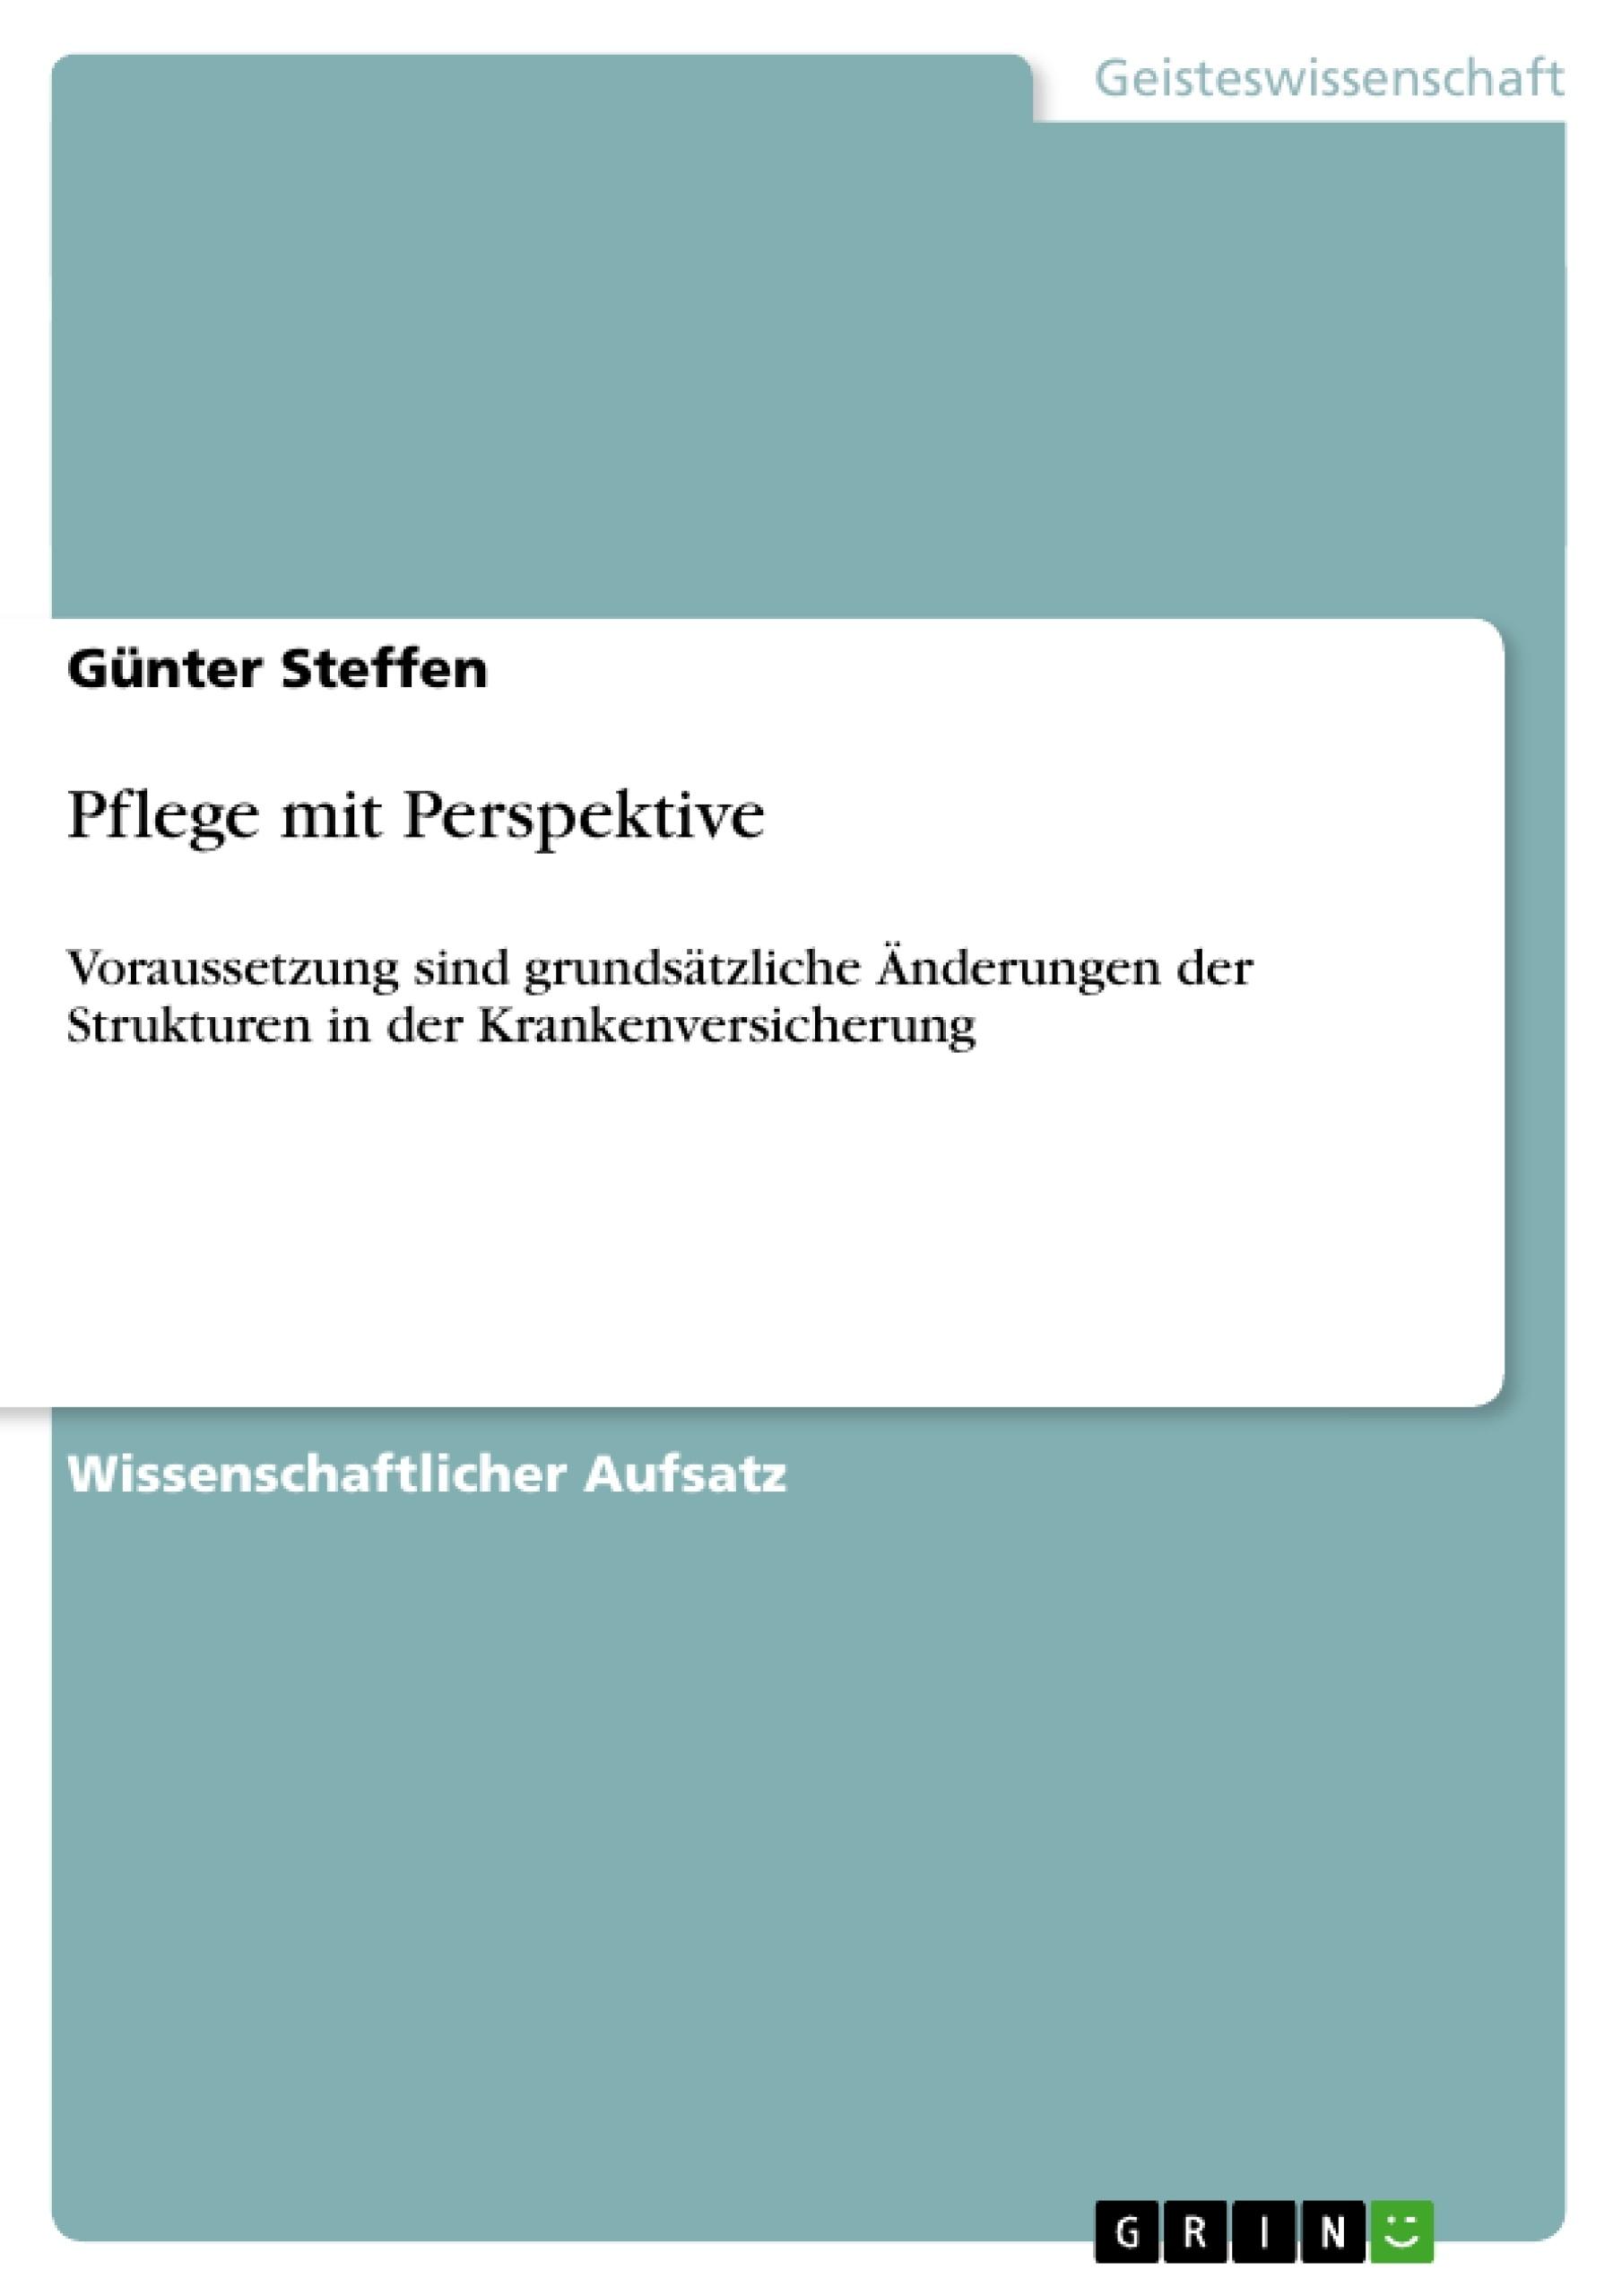 Titel: Pflege mit Perspektive